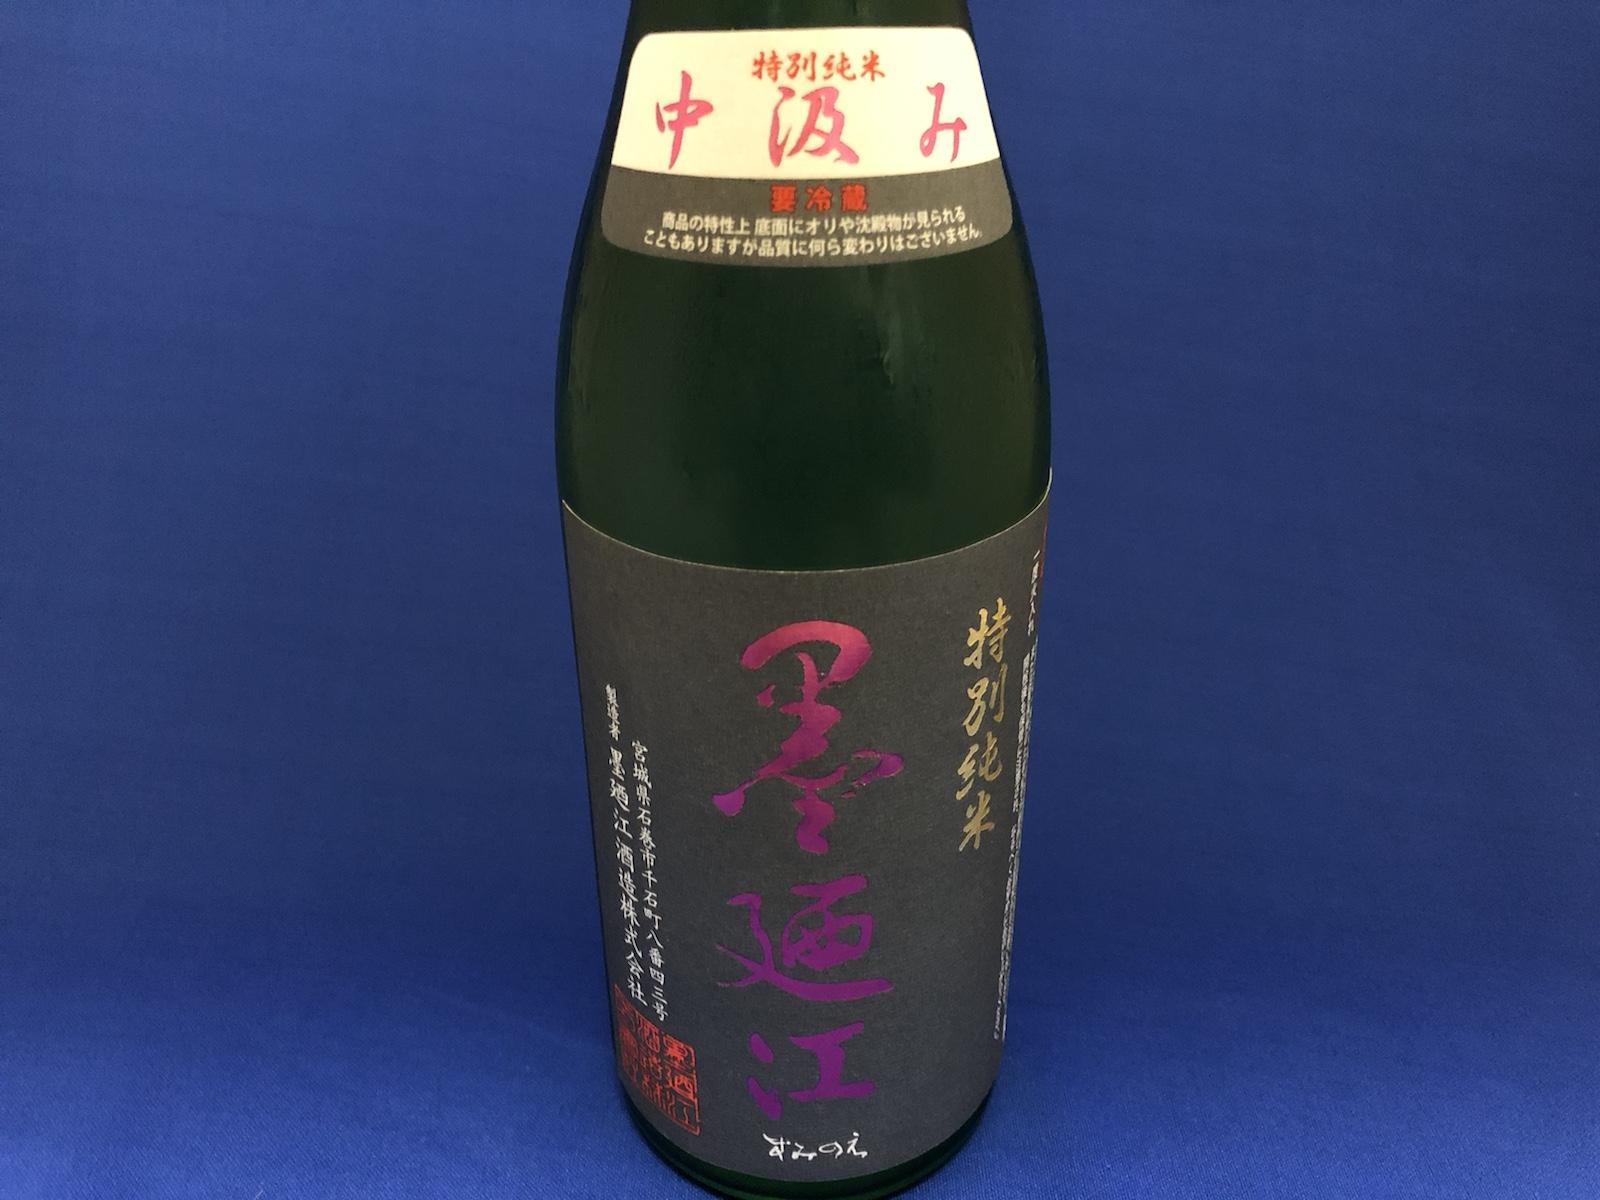 「墨廼江」特別純米 中汲み!味と香りの美味しい滴れ